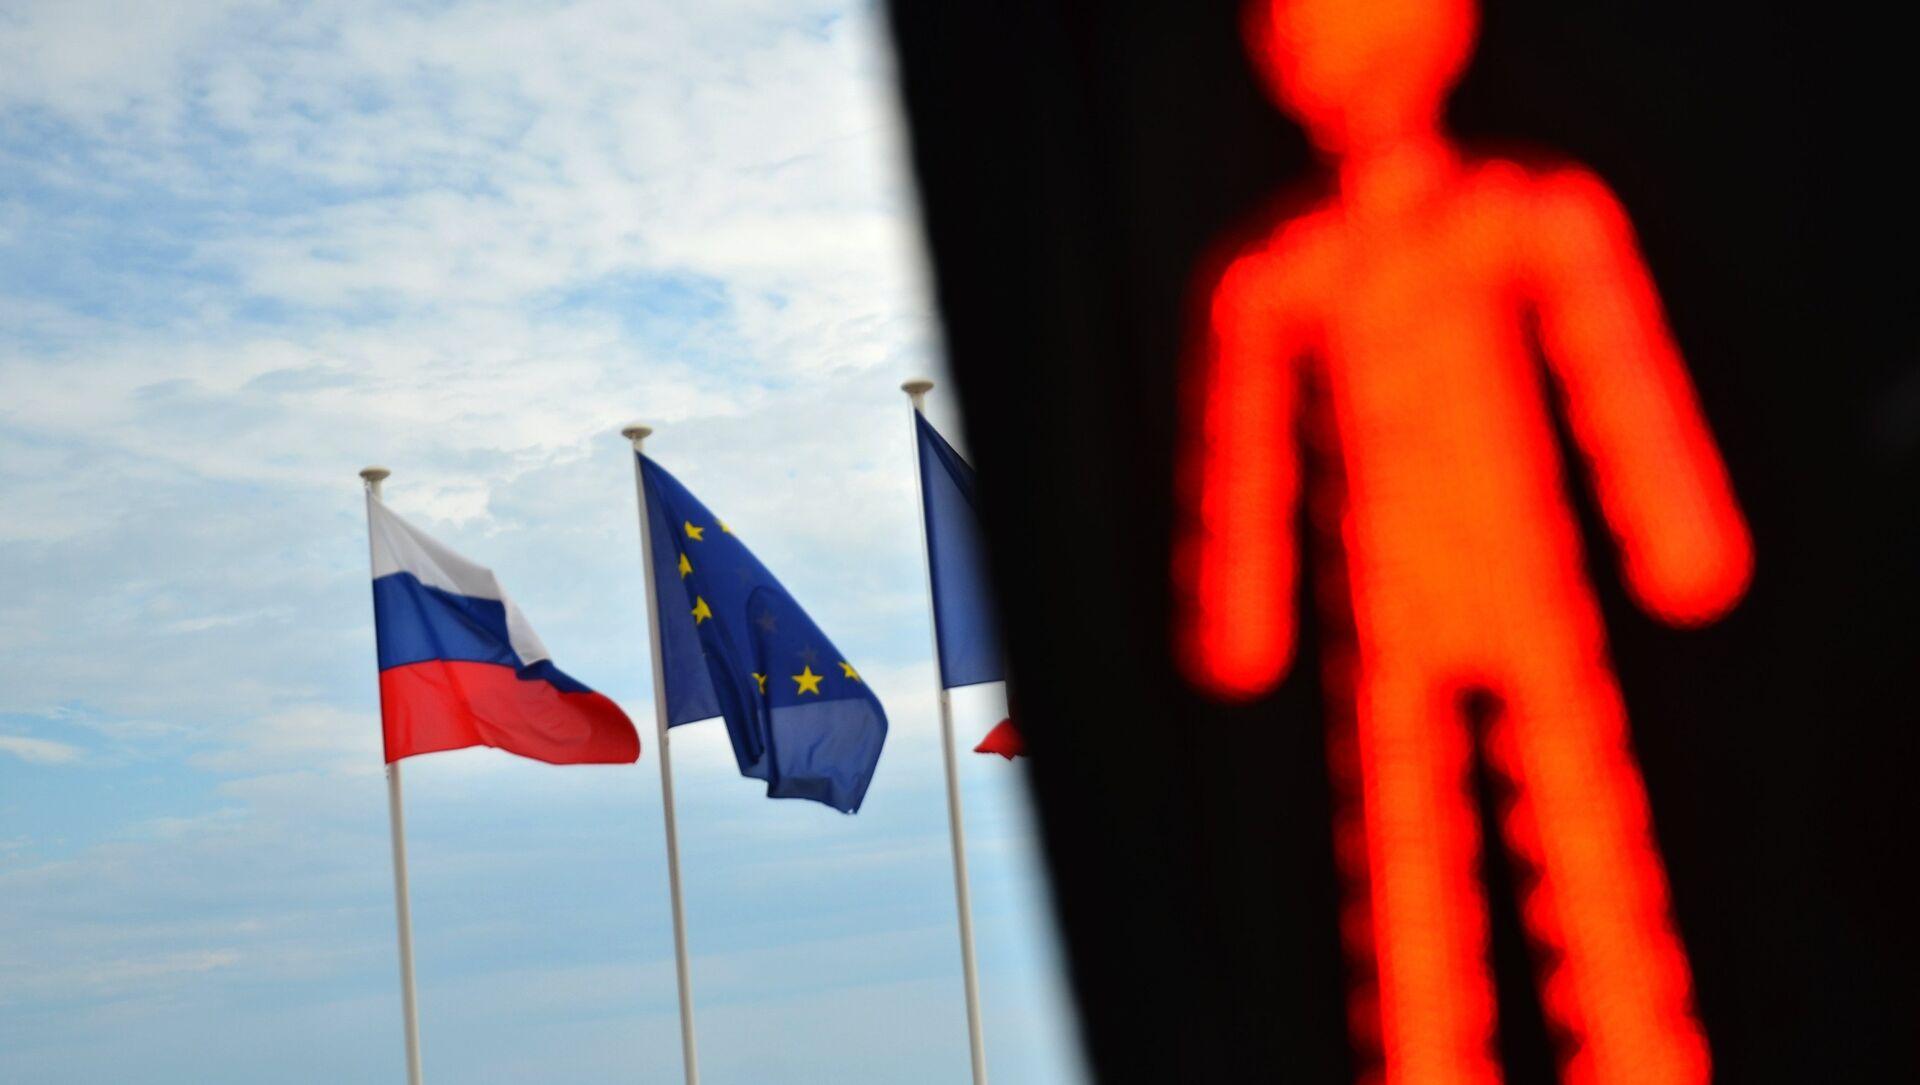 Bandiere dell'UE e della Russia. - Sputnik Italia, 1920, 02.03.2021